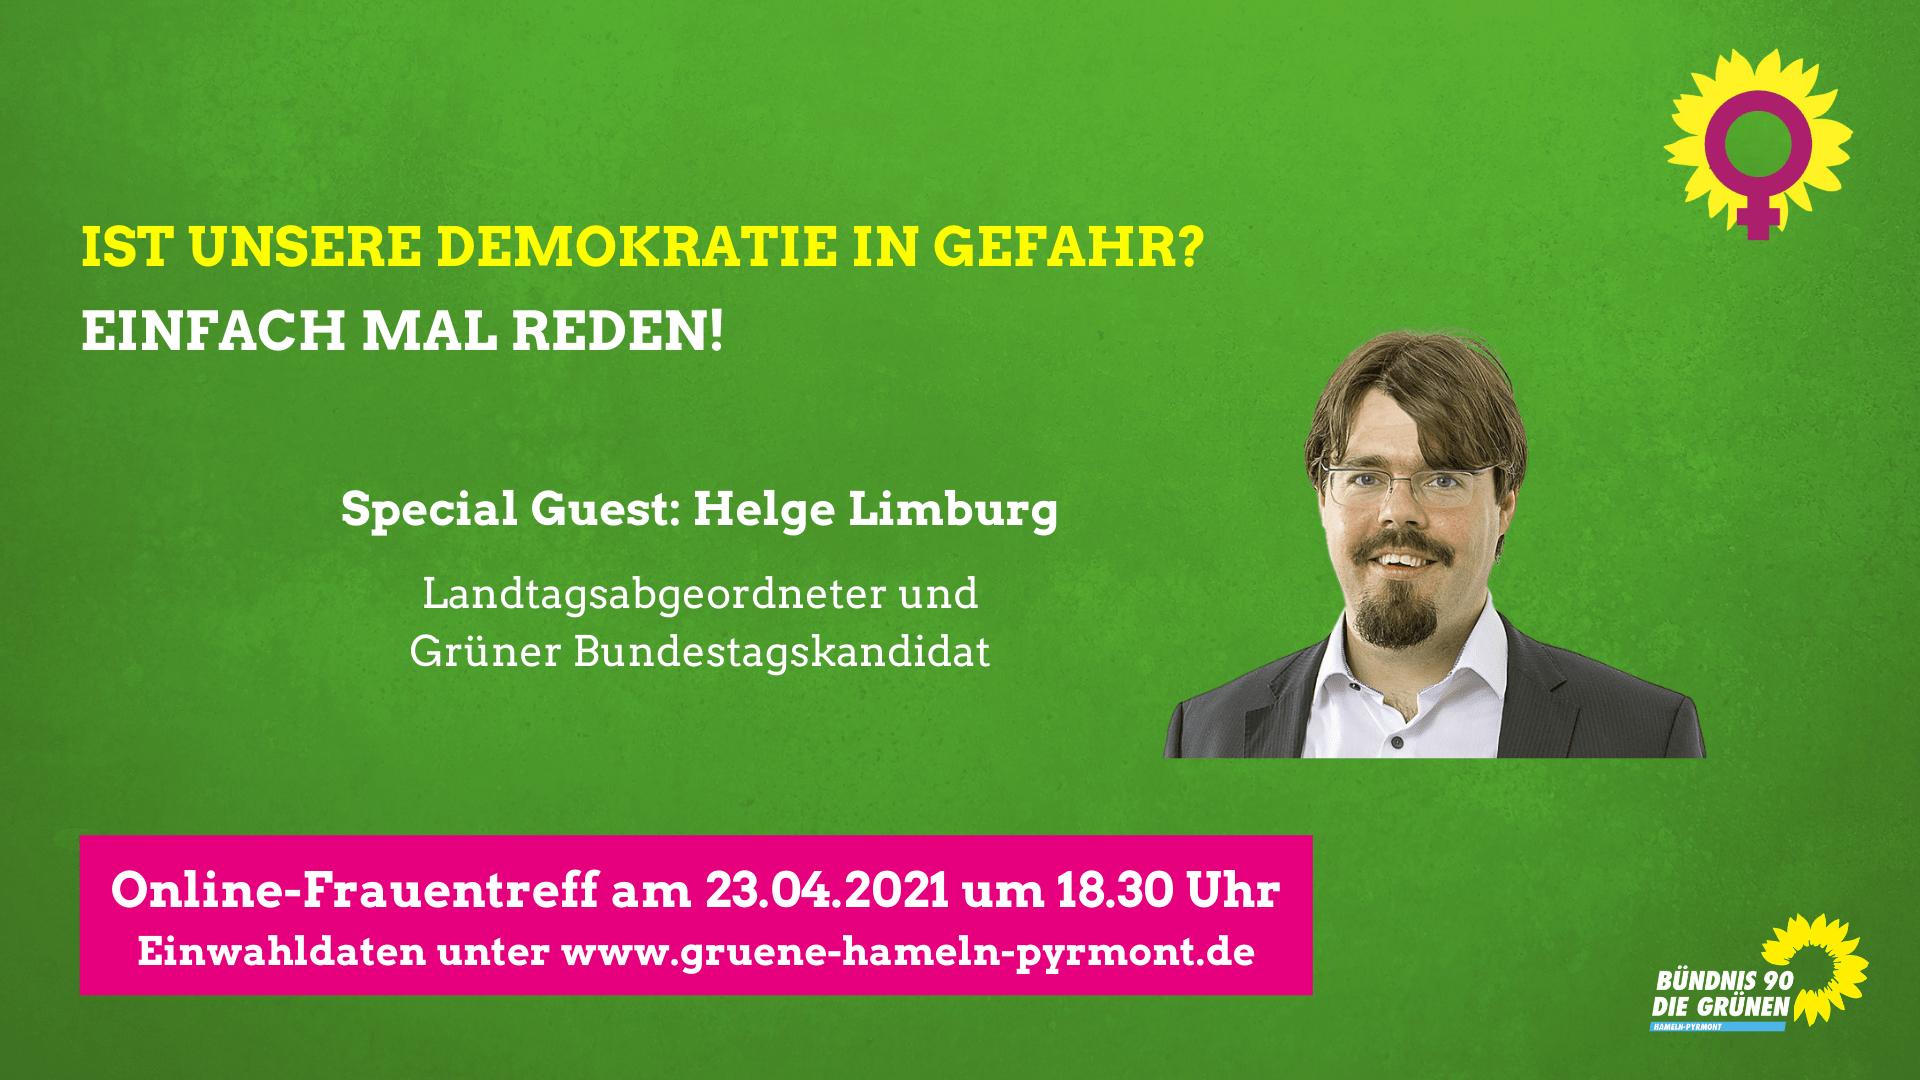 Einladung zum Frauentreffen: Einfach mal reden! Thema: Ist die Demokratie in Gefahr? mit Helge Limburg am 23.4. um 18:30 Uhr